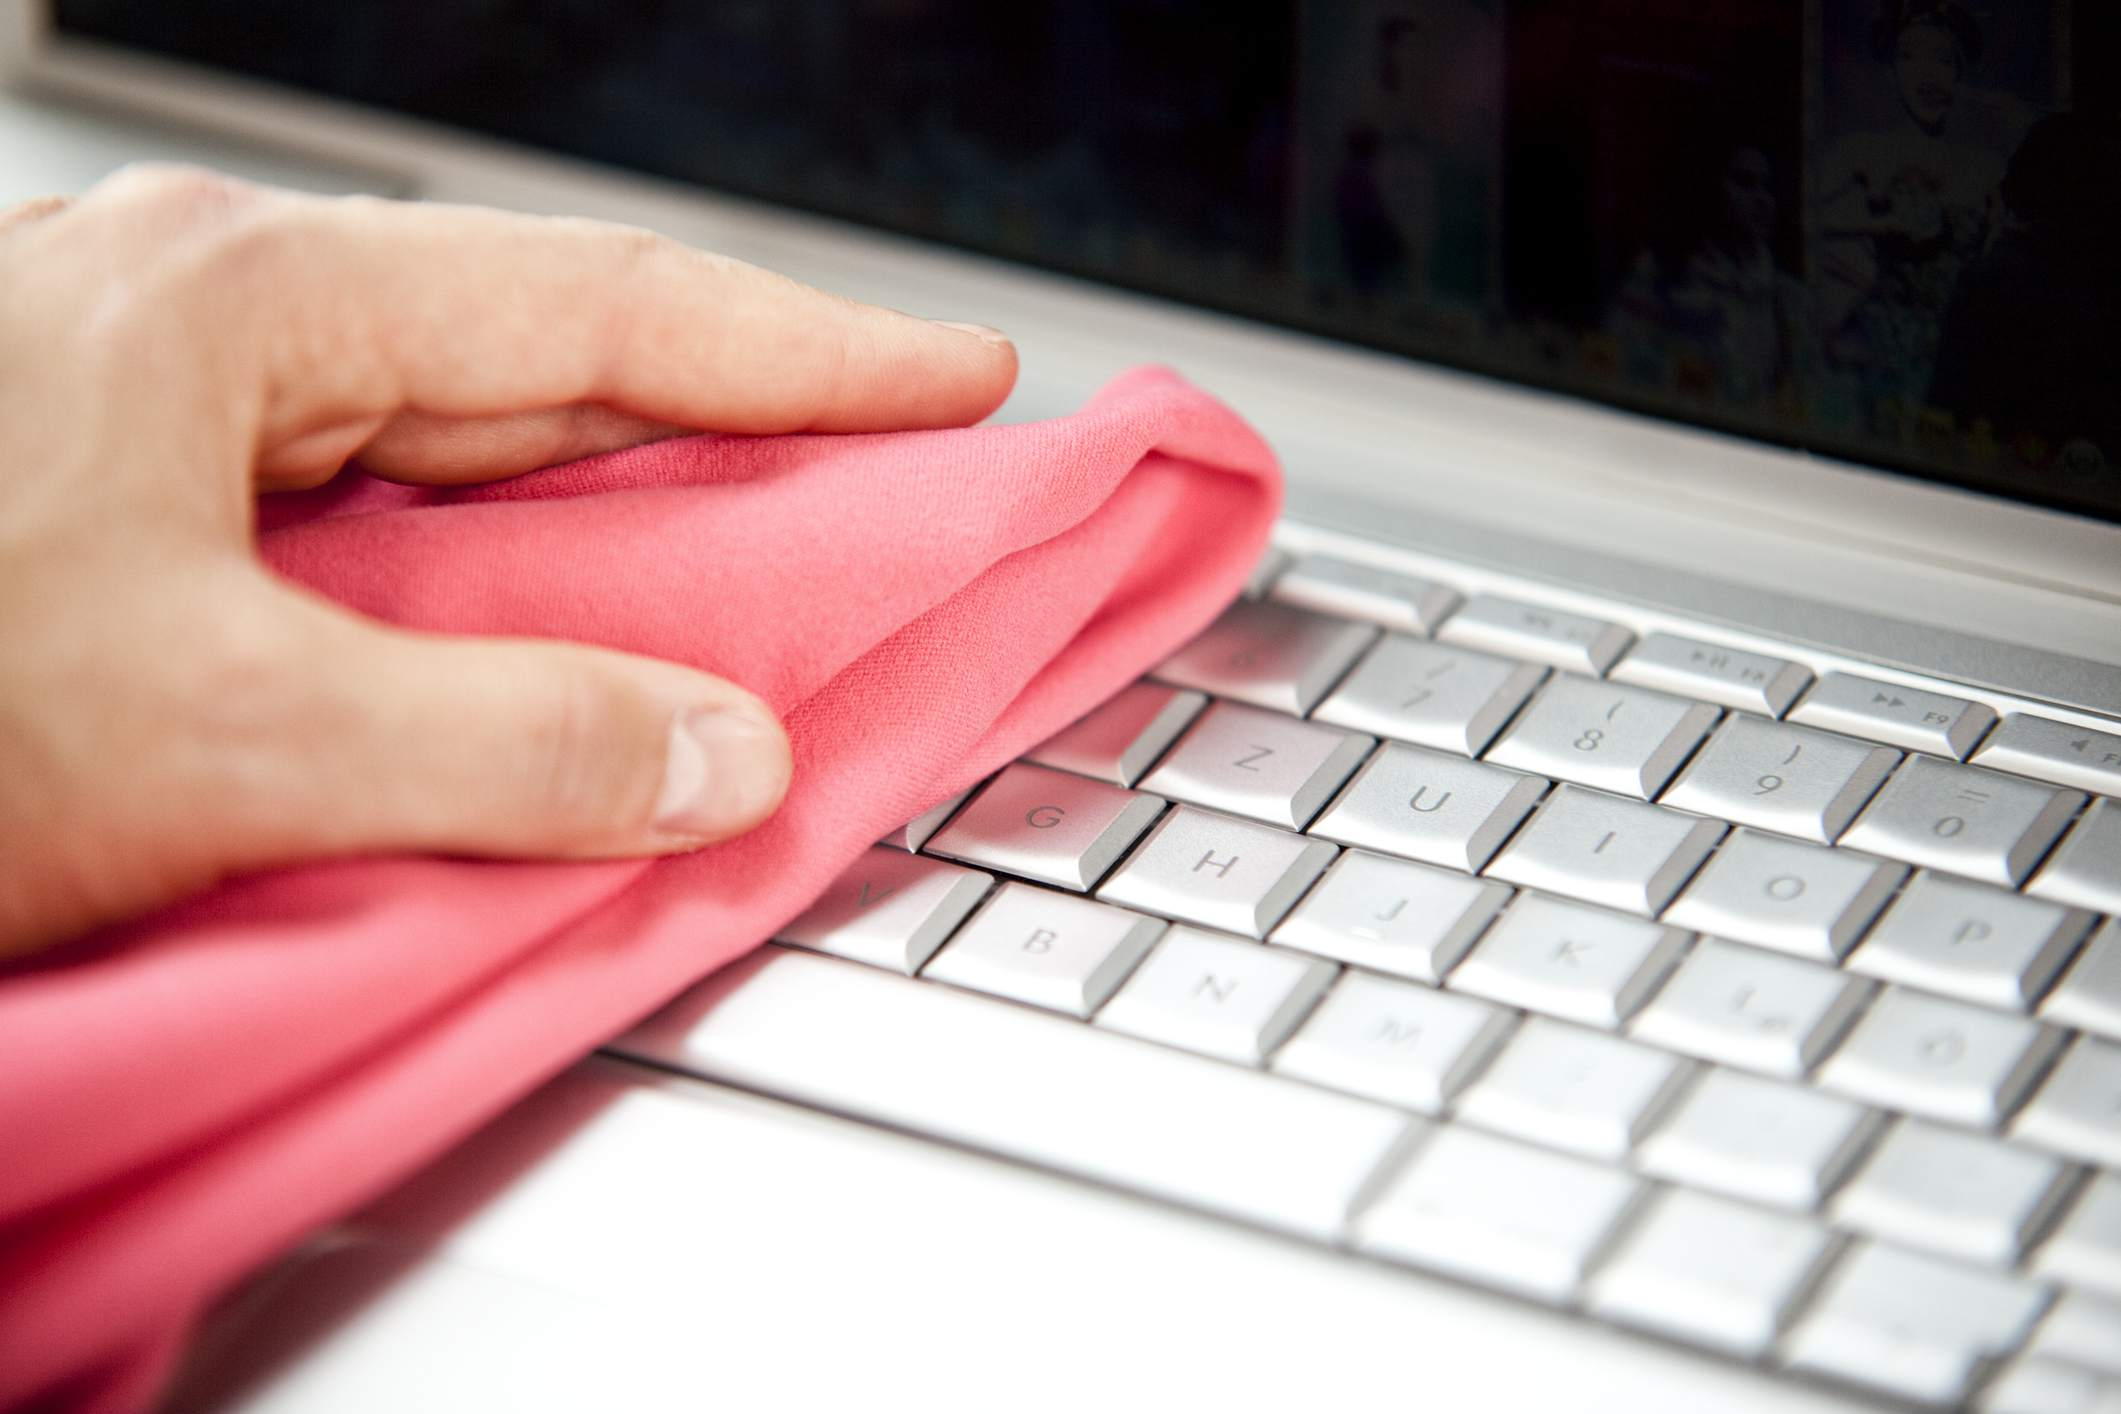 Mujer limpiando la computadora portátil con un plumero rojo